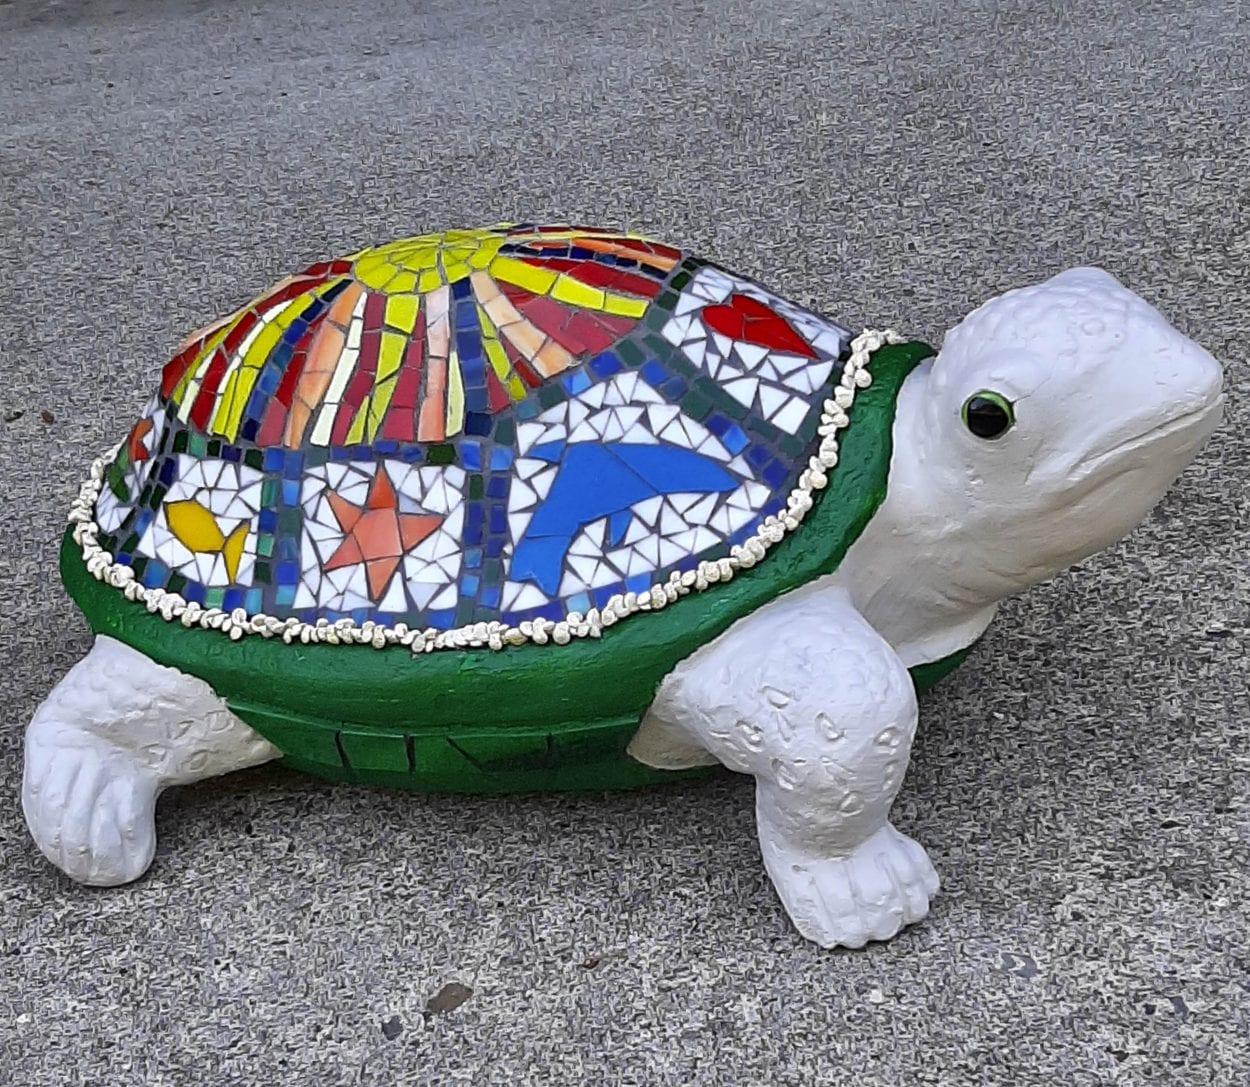 A turtle from artist Susie Guirsch. Photo courtesy of Susie Guirsch